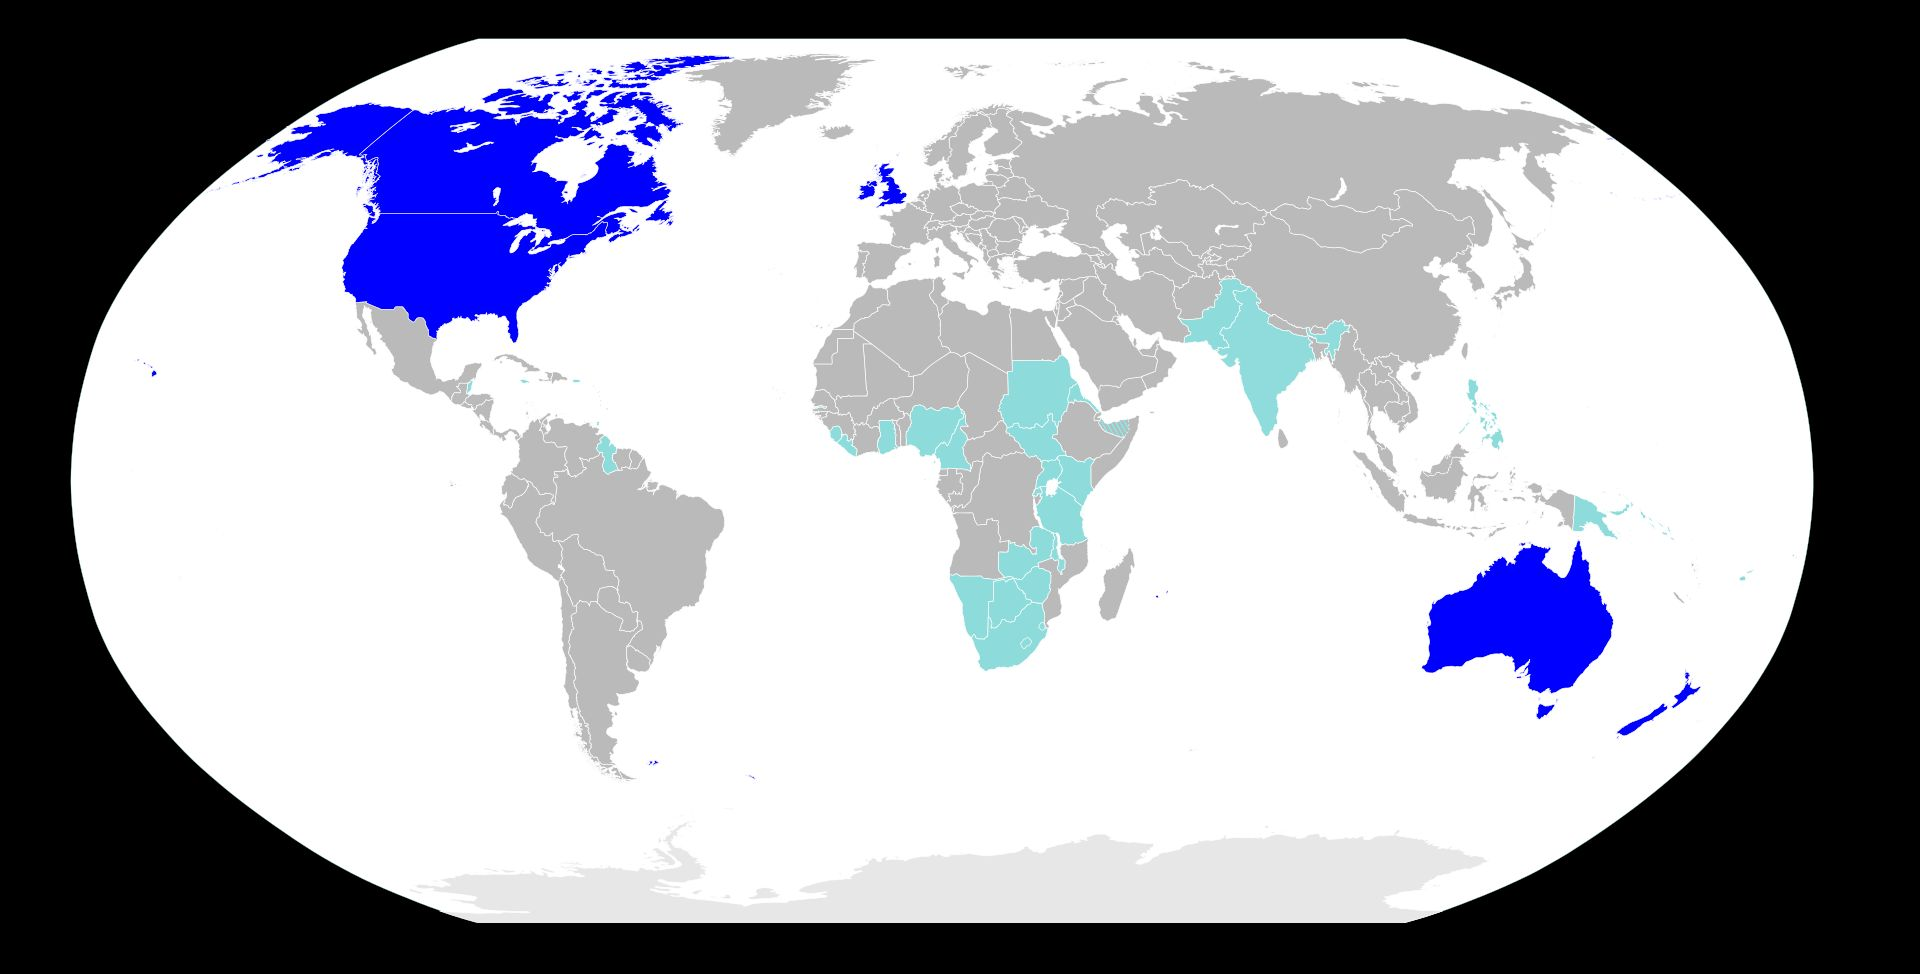 英語が公用語あるいは公用語に近い状態の国